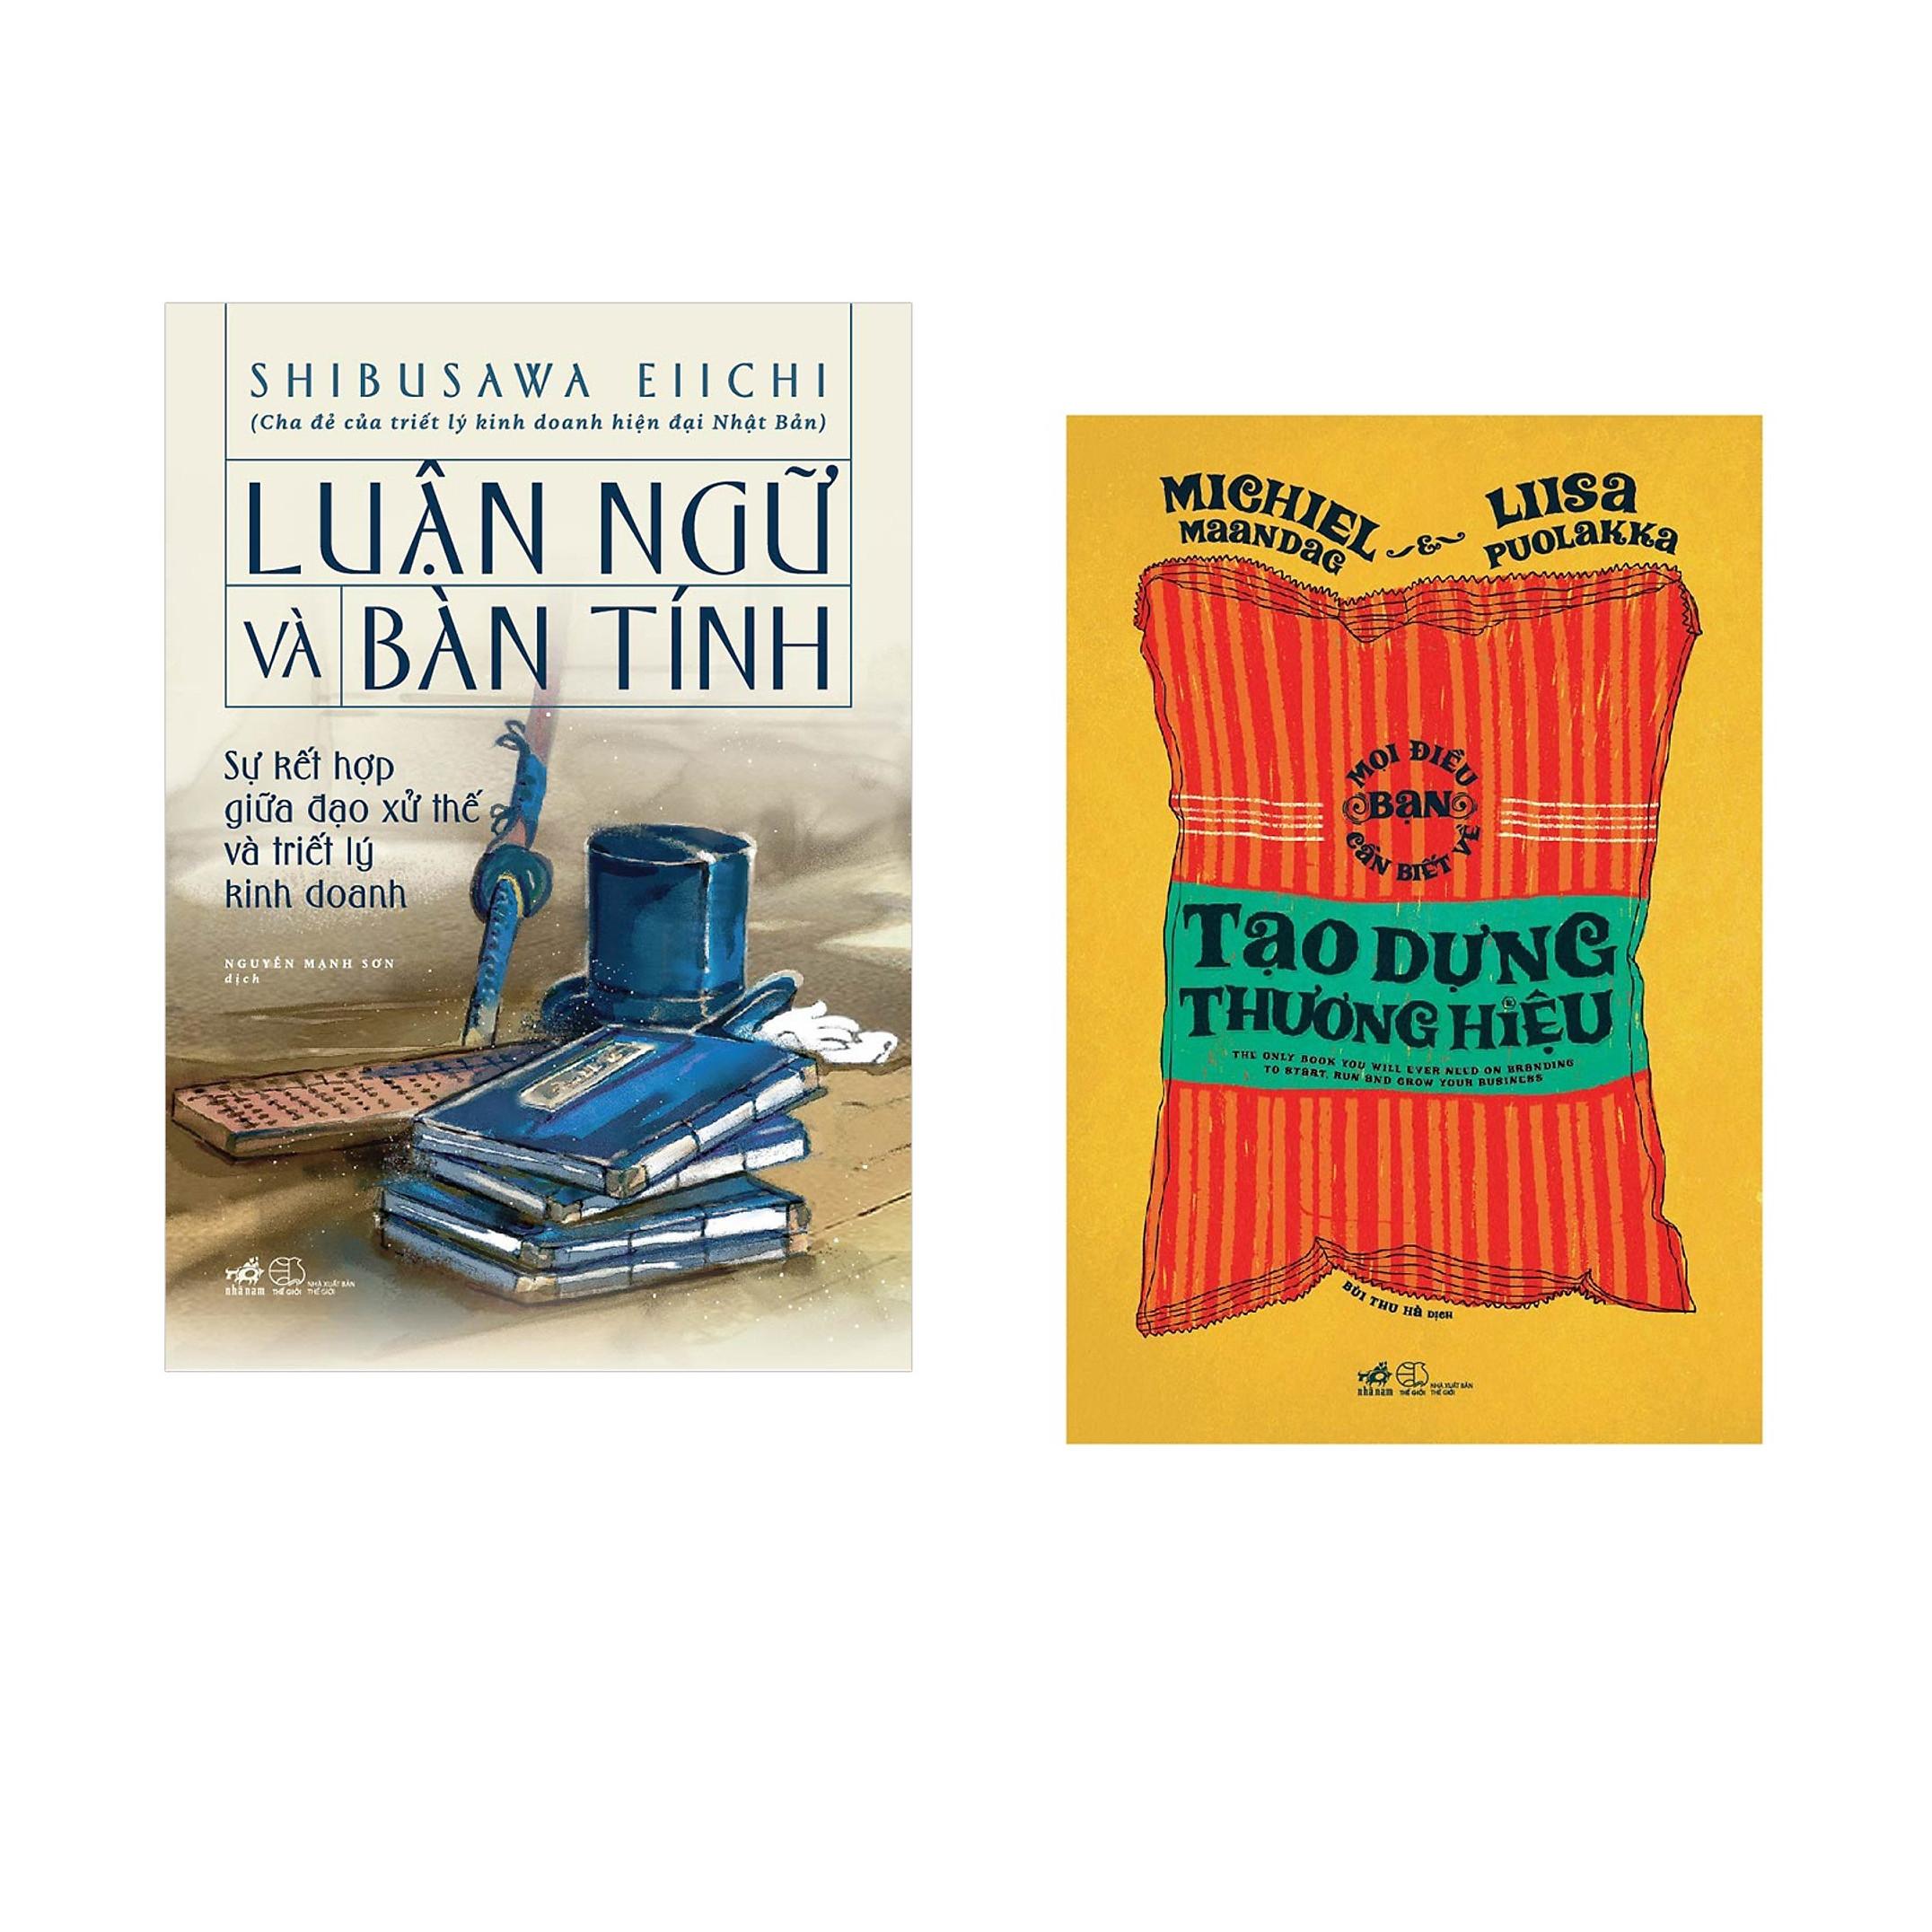 Combo 2 cuốn sách: Luận ngữ và bàn tính (bìa cứng)  + Mọi điều bạn cần biết về tạo dưng thương hiệu